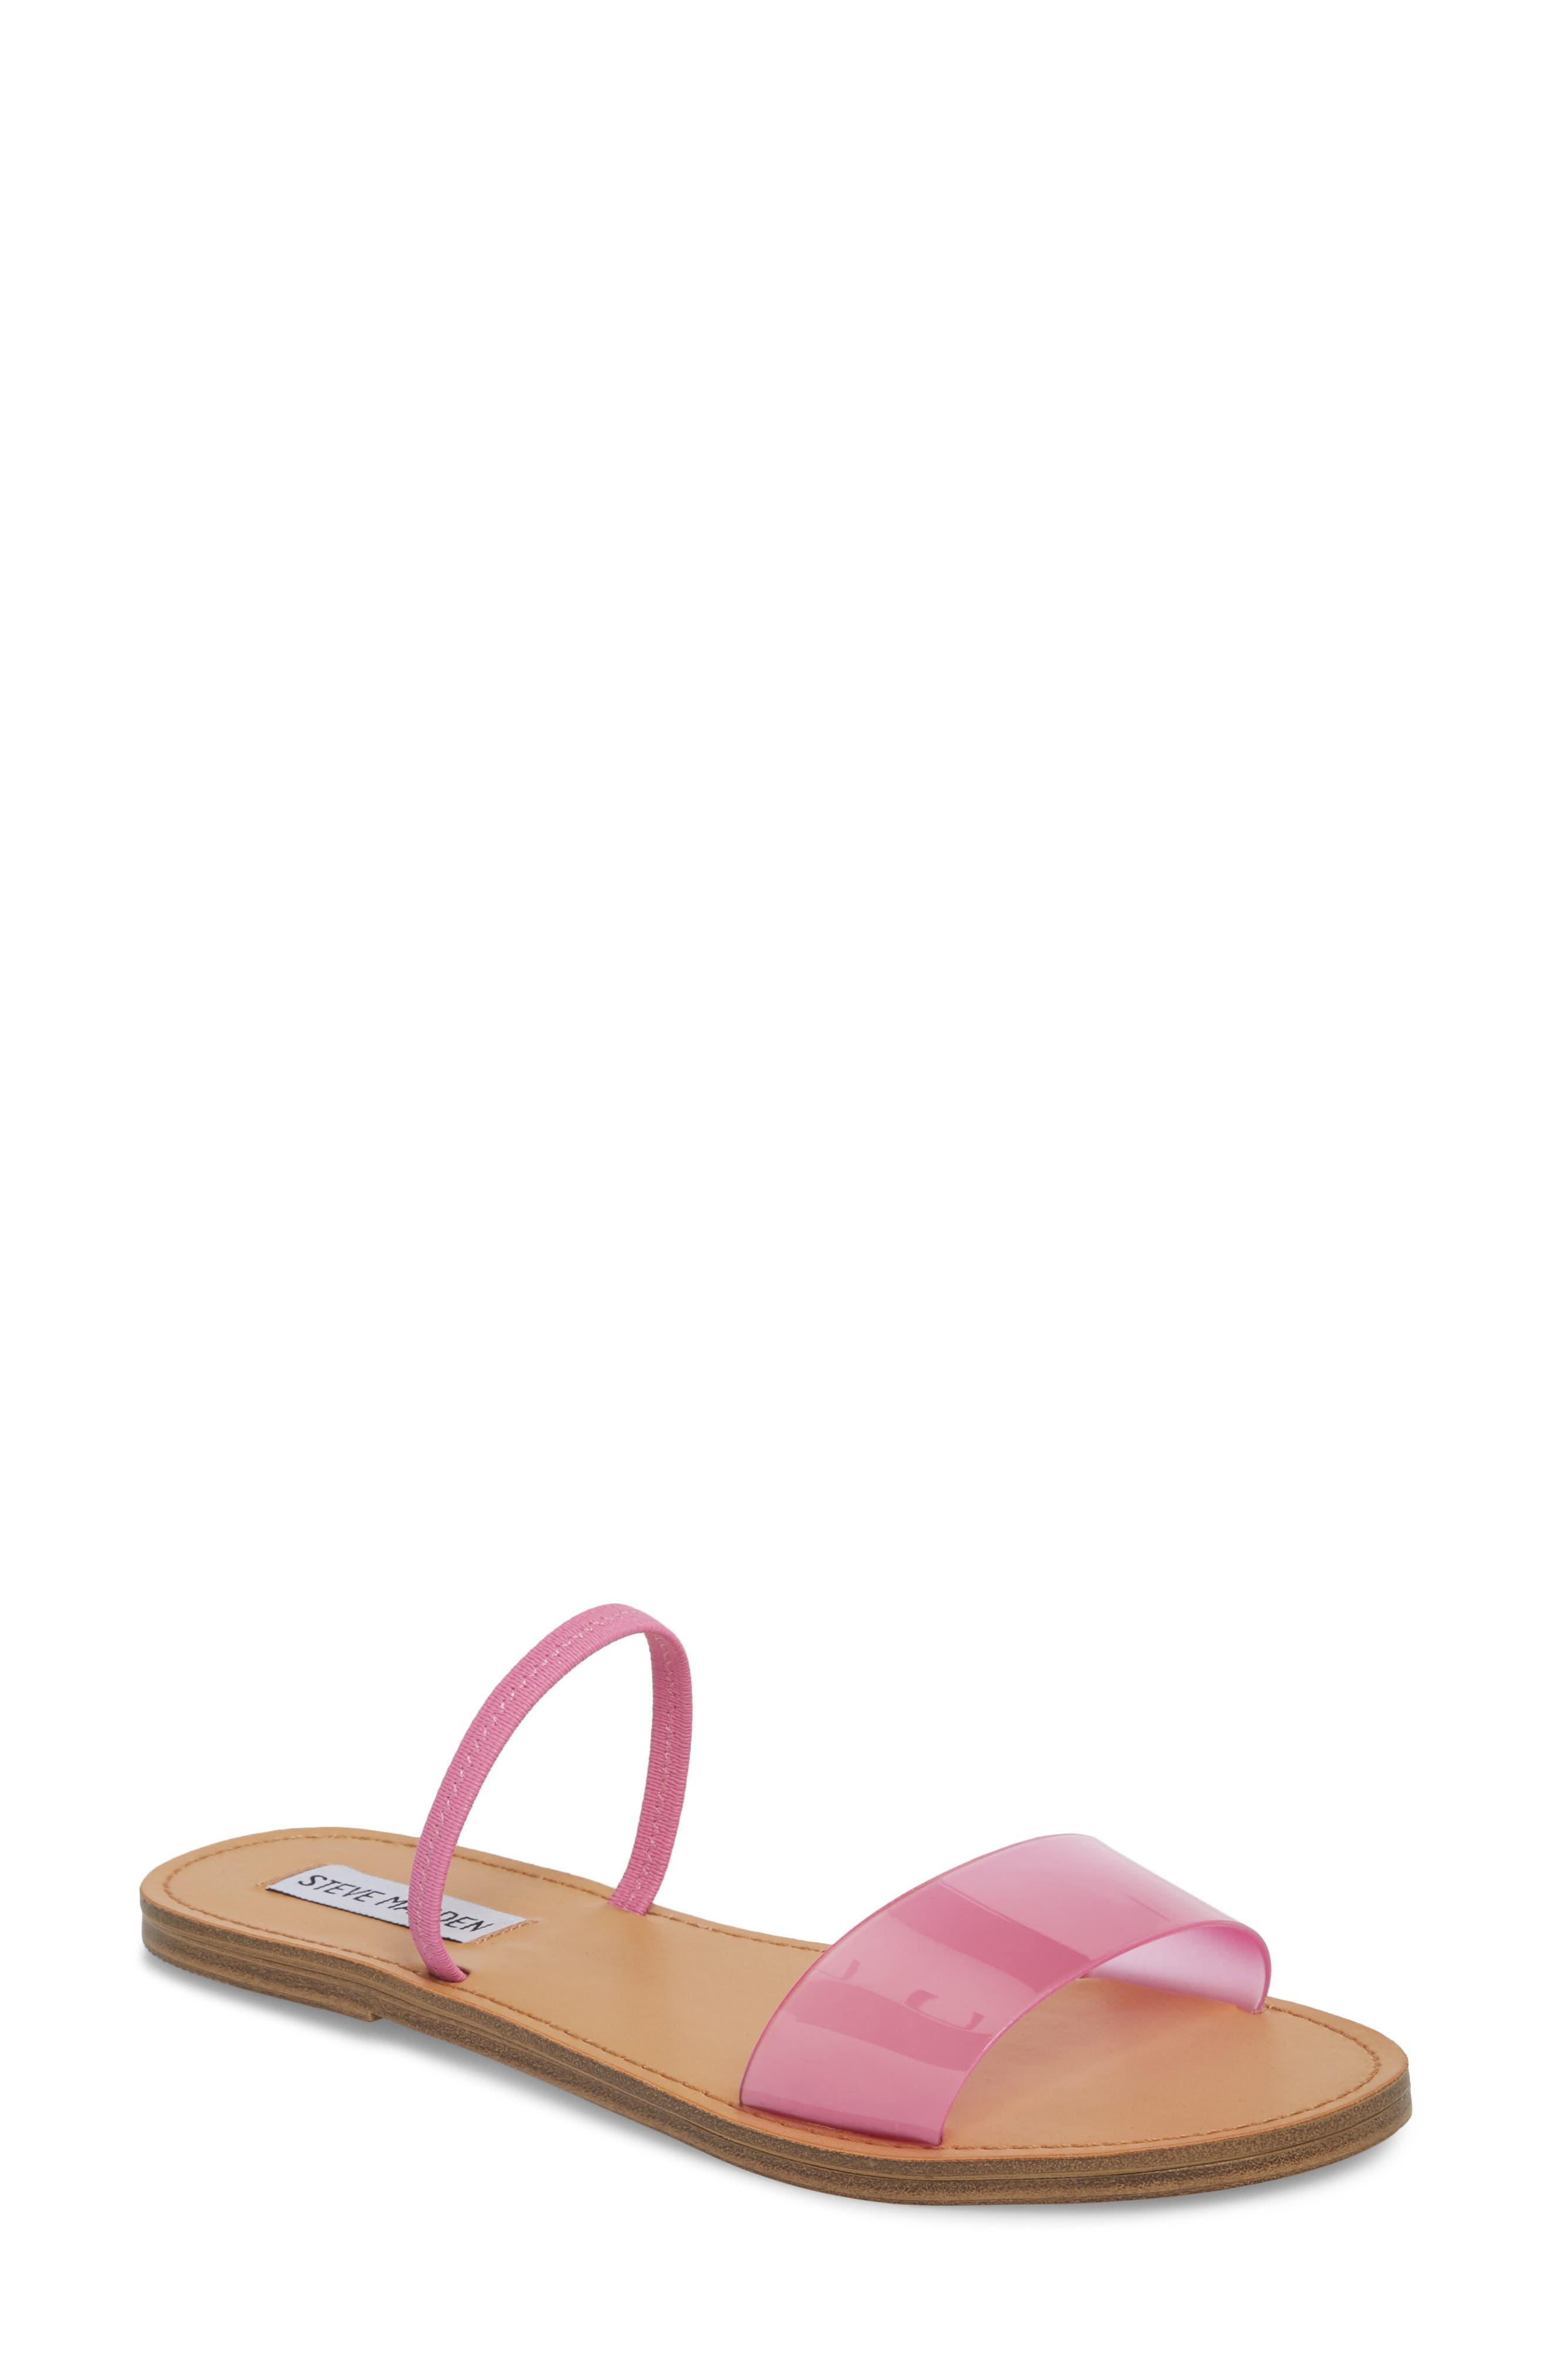 Main Image - Steve Madden Dasha Strappy Slide Sandal (Women)